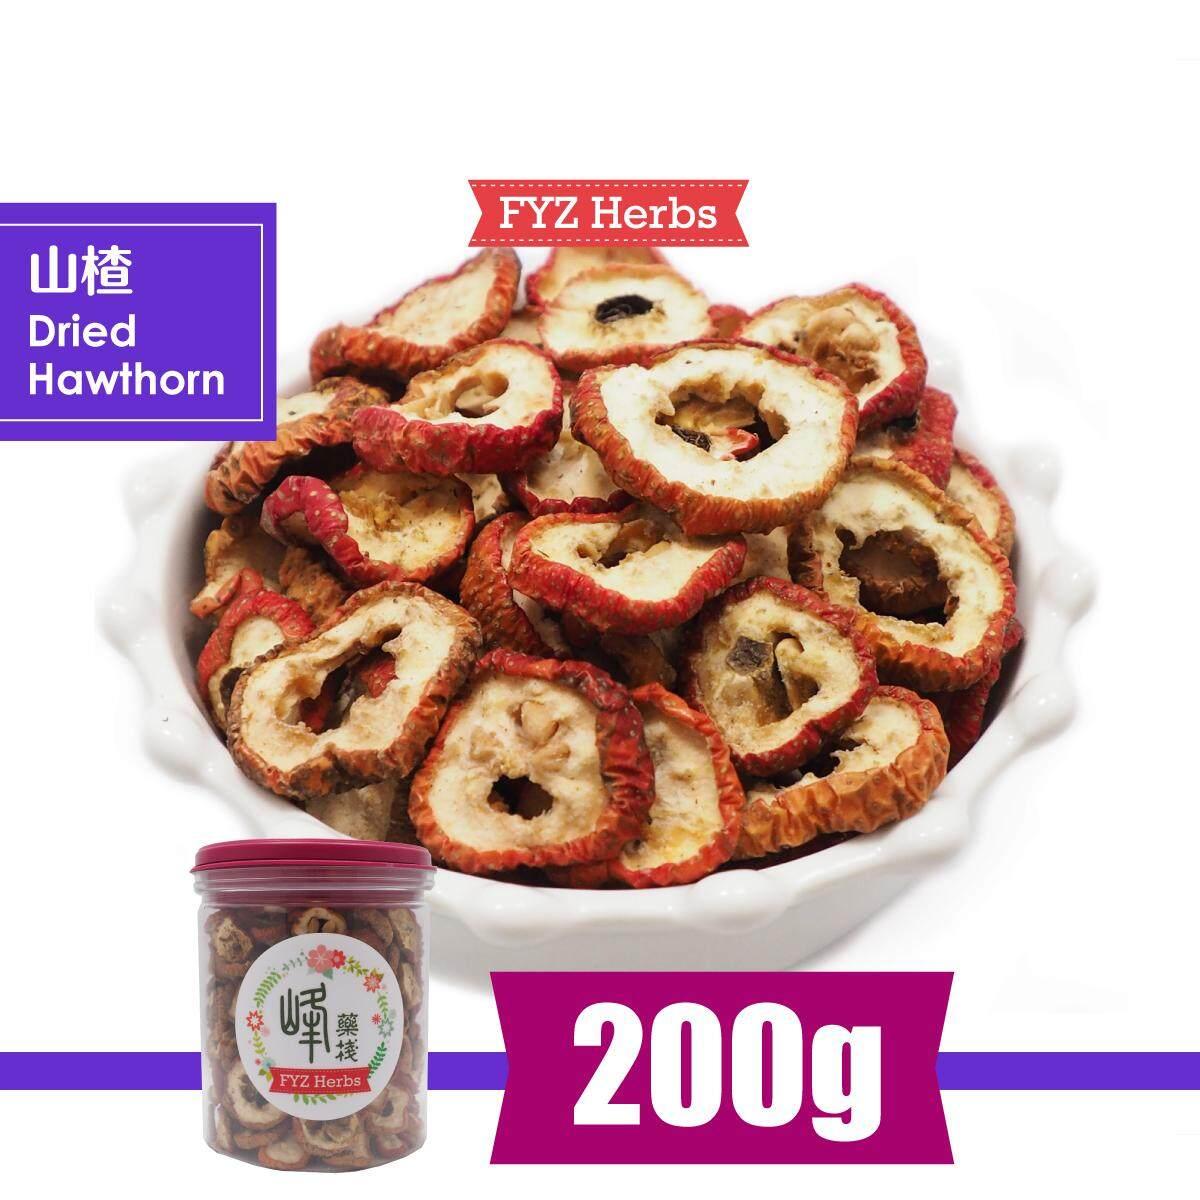 Marasake Kedelai 200g Daftar Harga Termurah Terkini Dan Bubuk Instan Kacang Hijau 400g Source 2 Fyz Herbs Dried Hawthorn